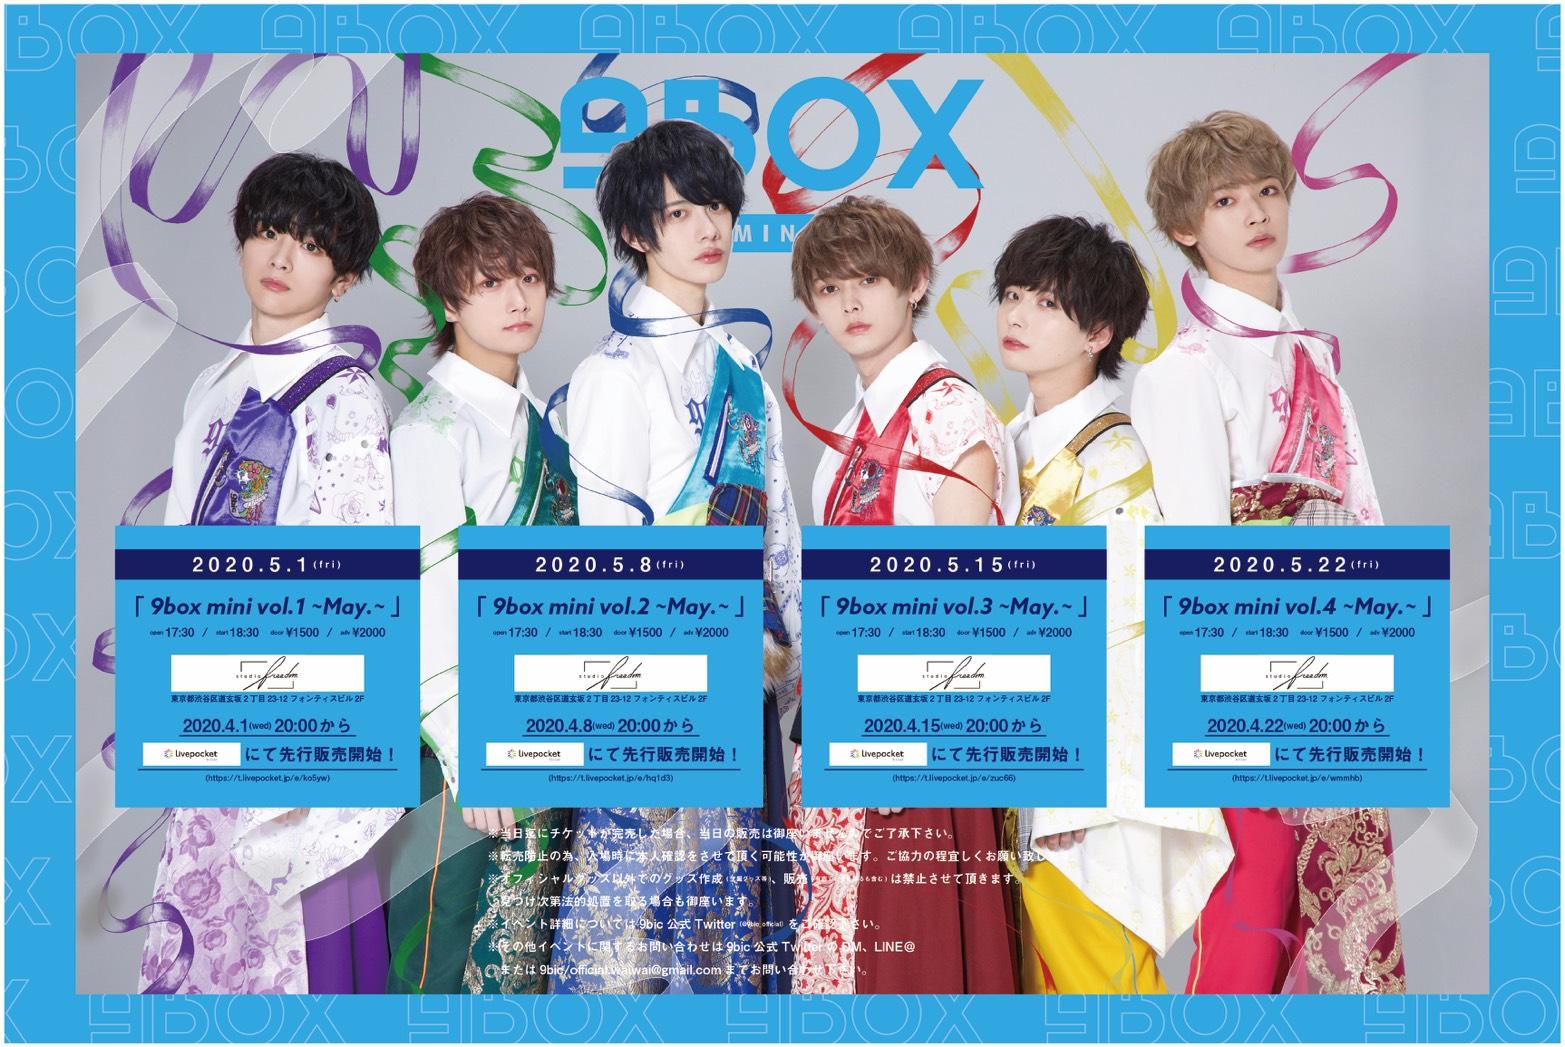 9box mini vol.1 ~May.~